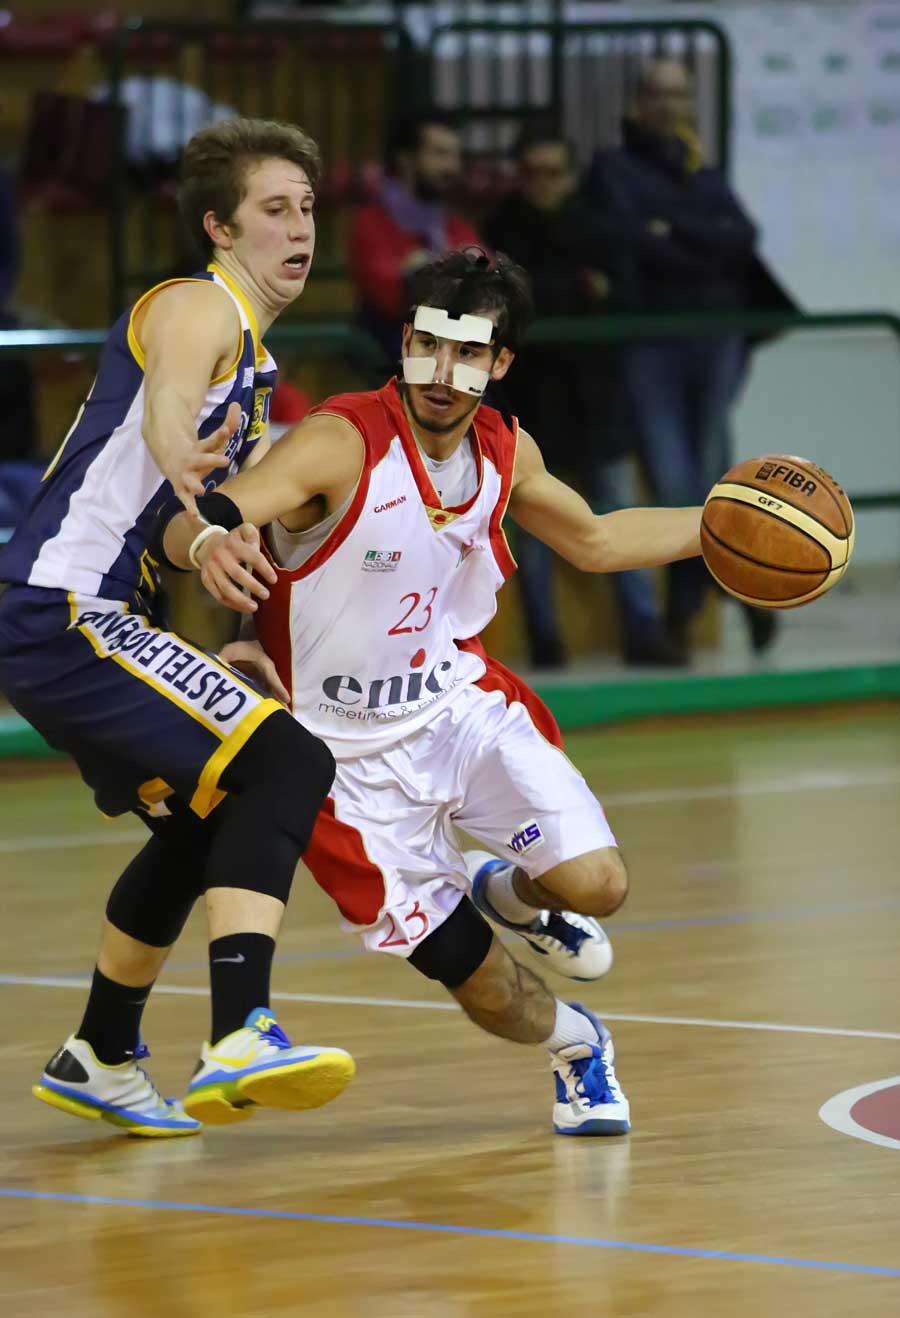 07lorenzo_merlo_enic_pinodragons_castelfiorentino_basket2016